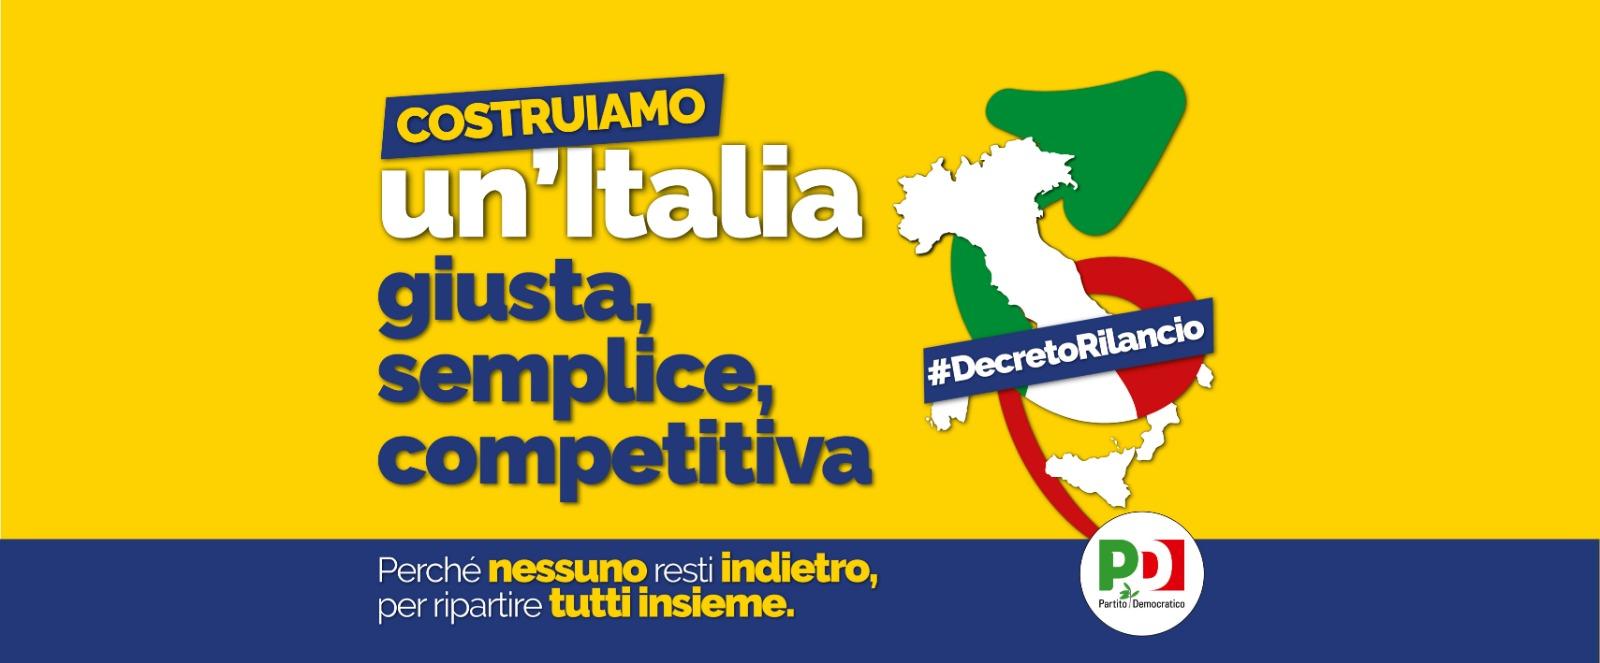 """""""Costruiamo un'Italia giusta, semplice, competitiva"""""""